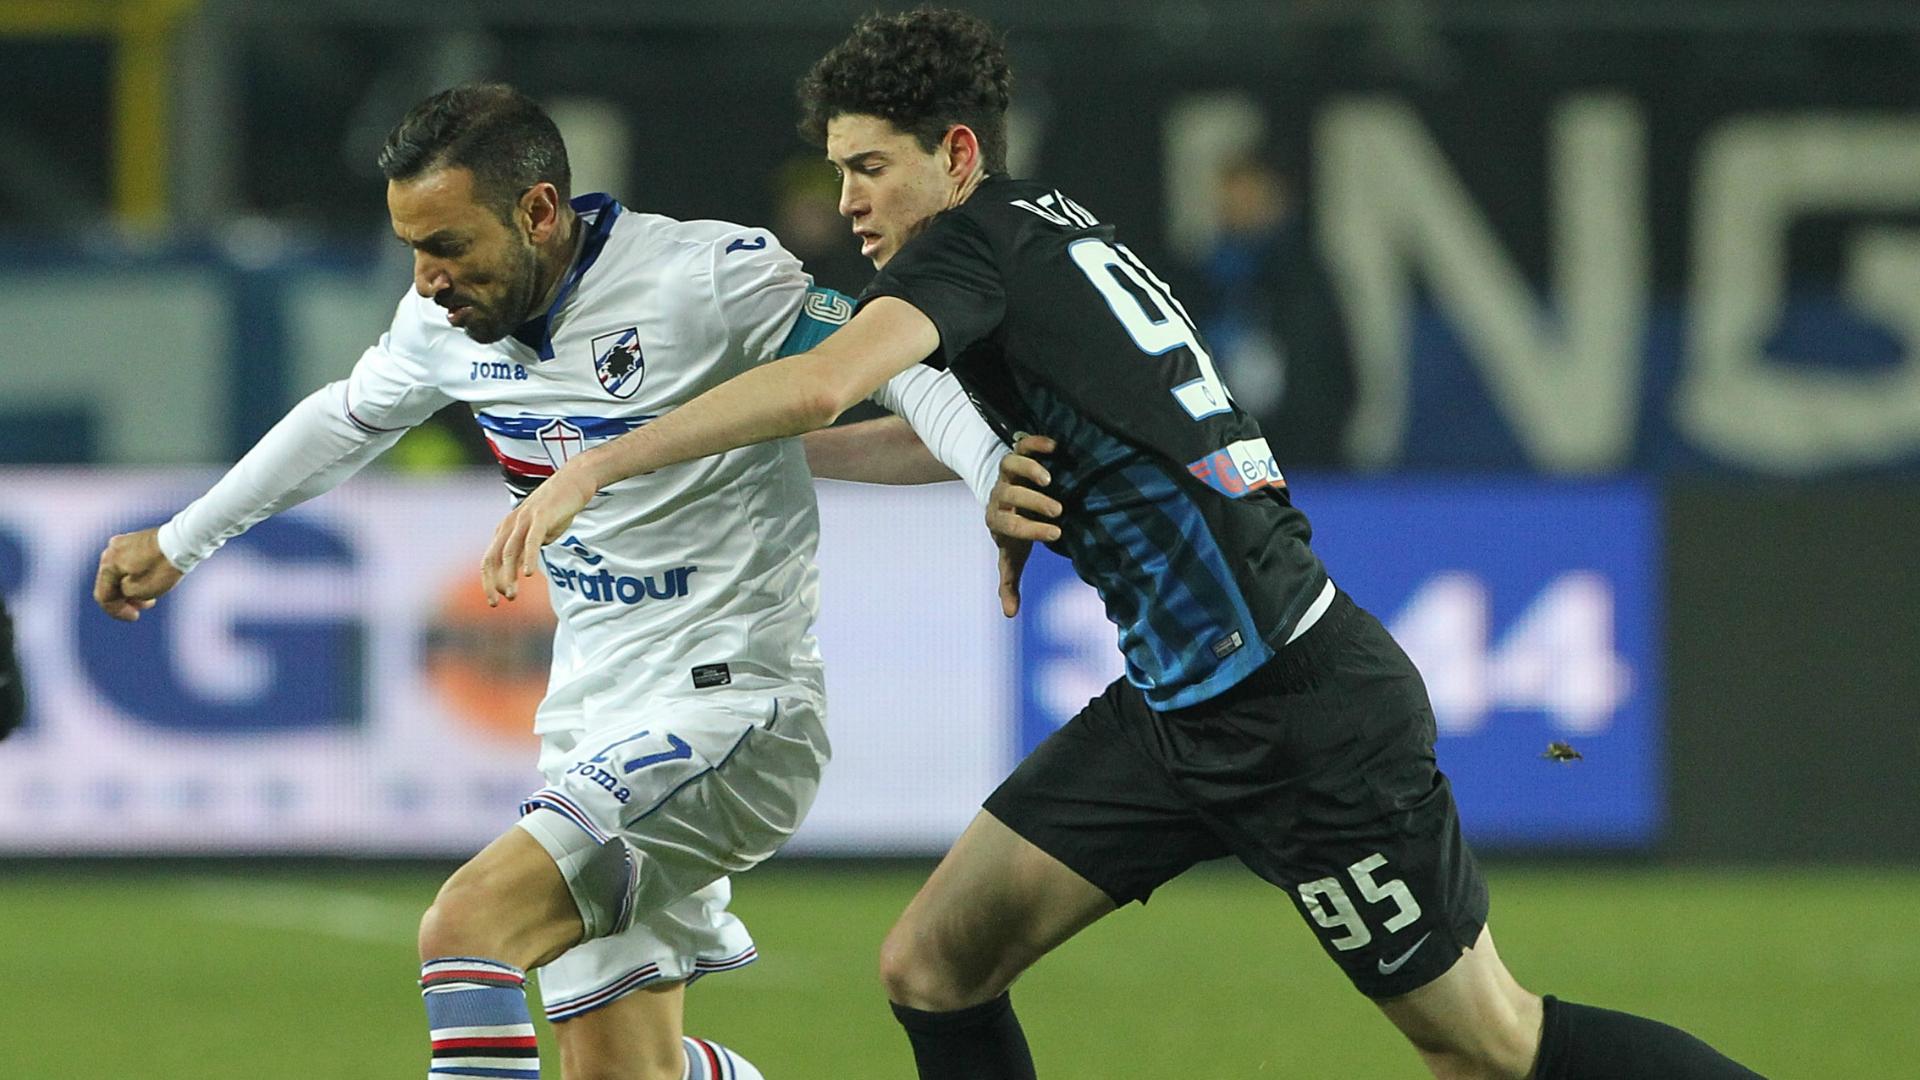 Calciomercato Inter, preso Bastoni dall'Atalanta! Resterà a Bergamo per un anno